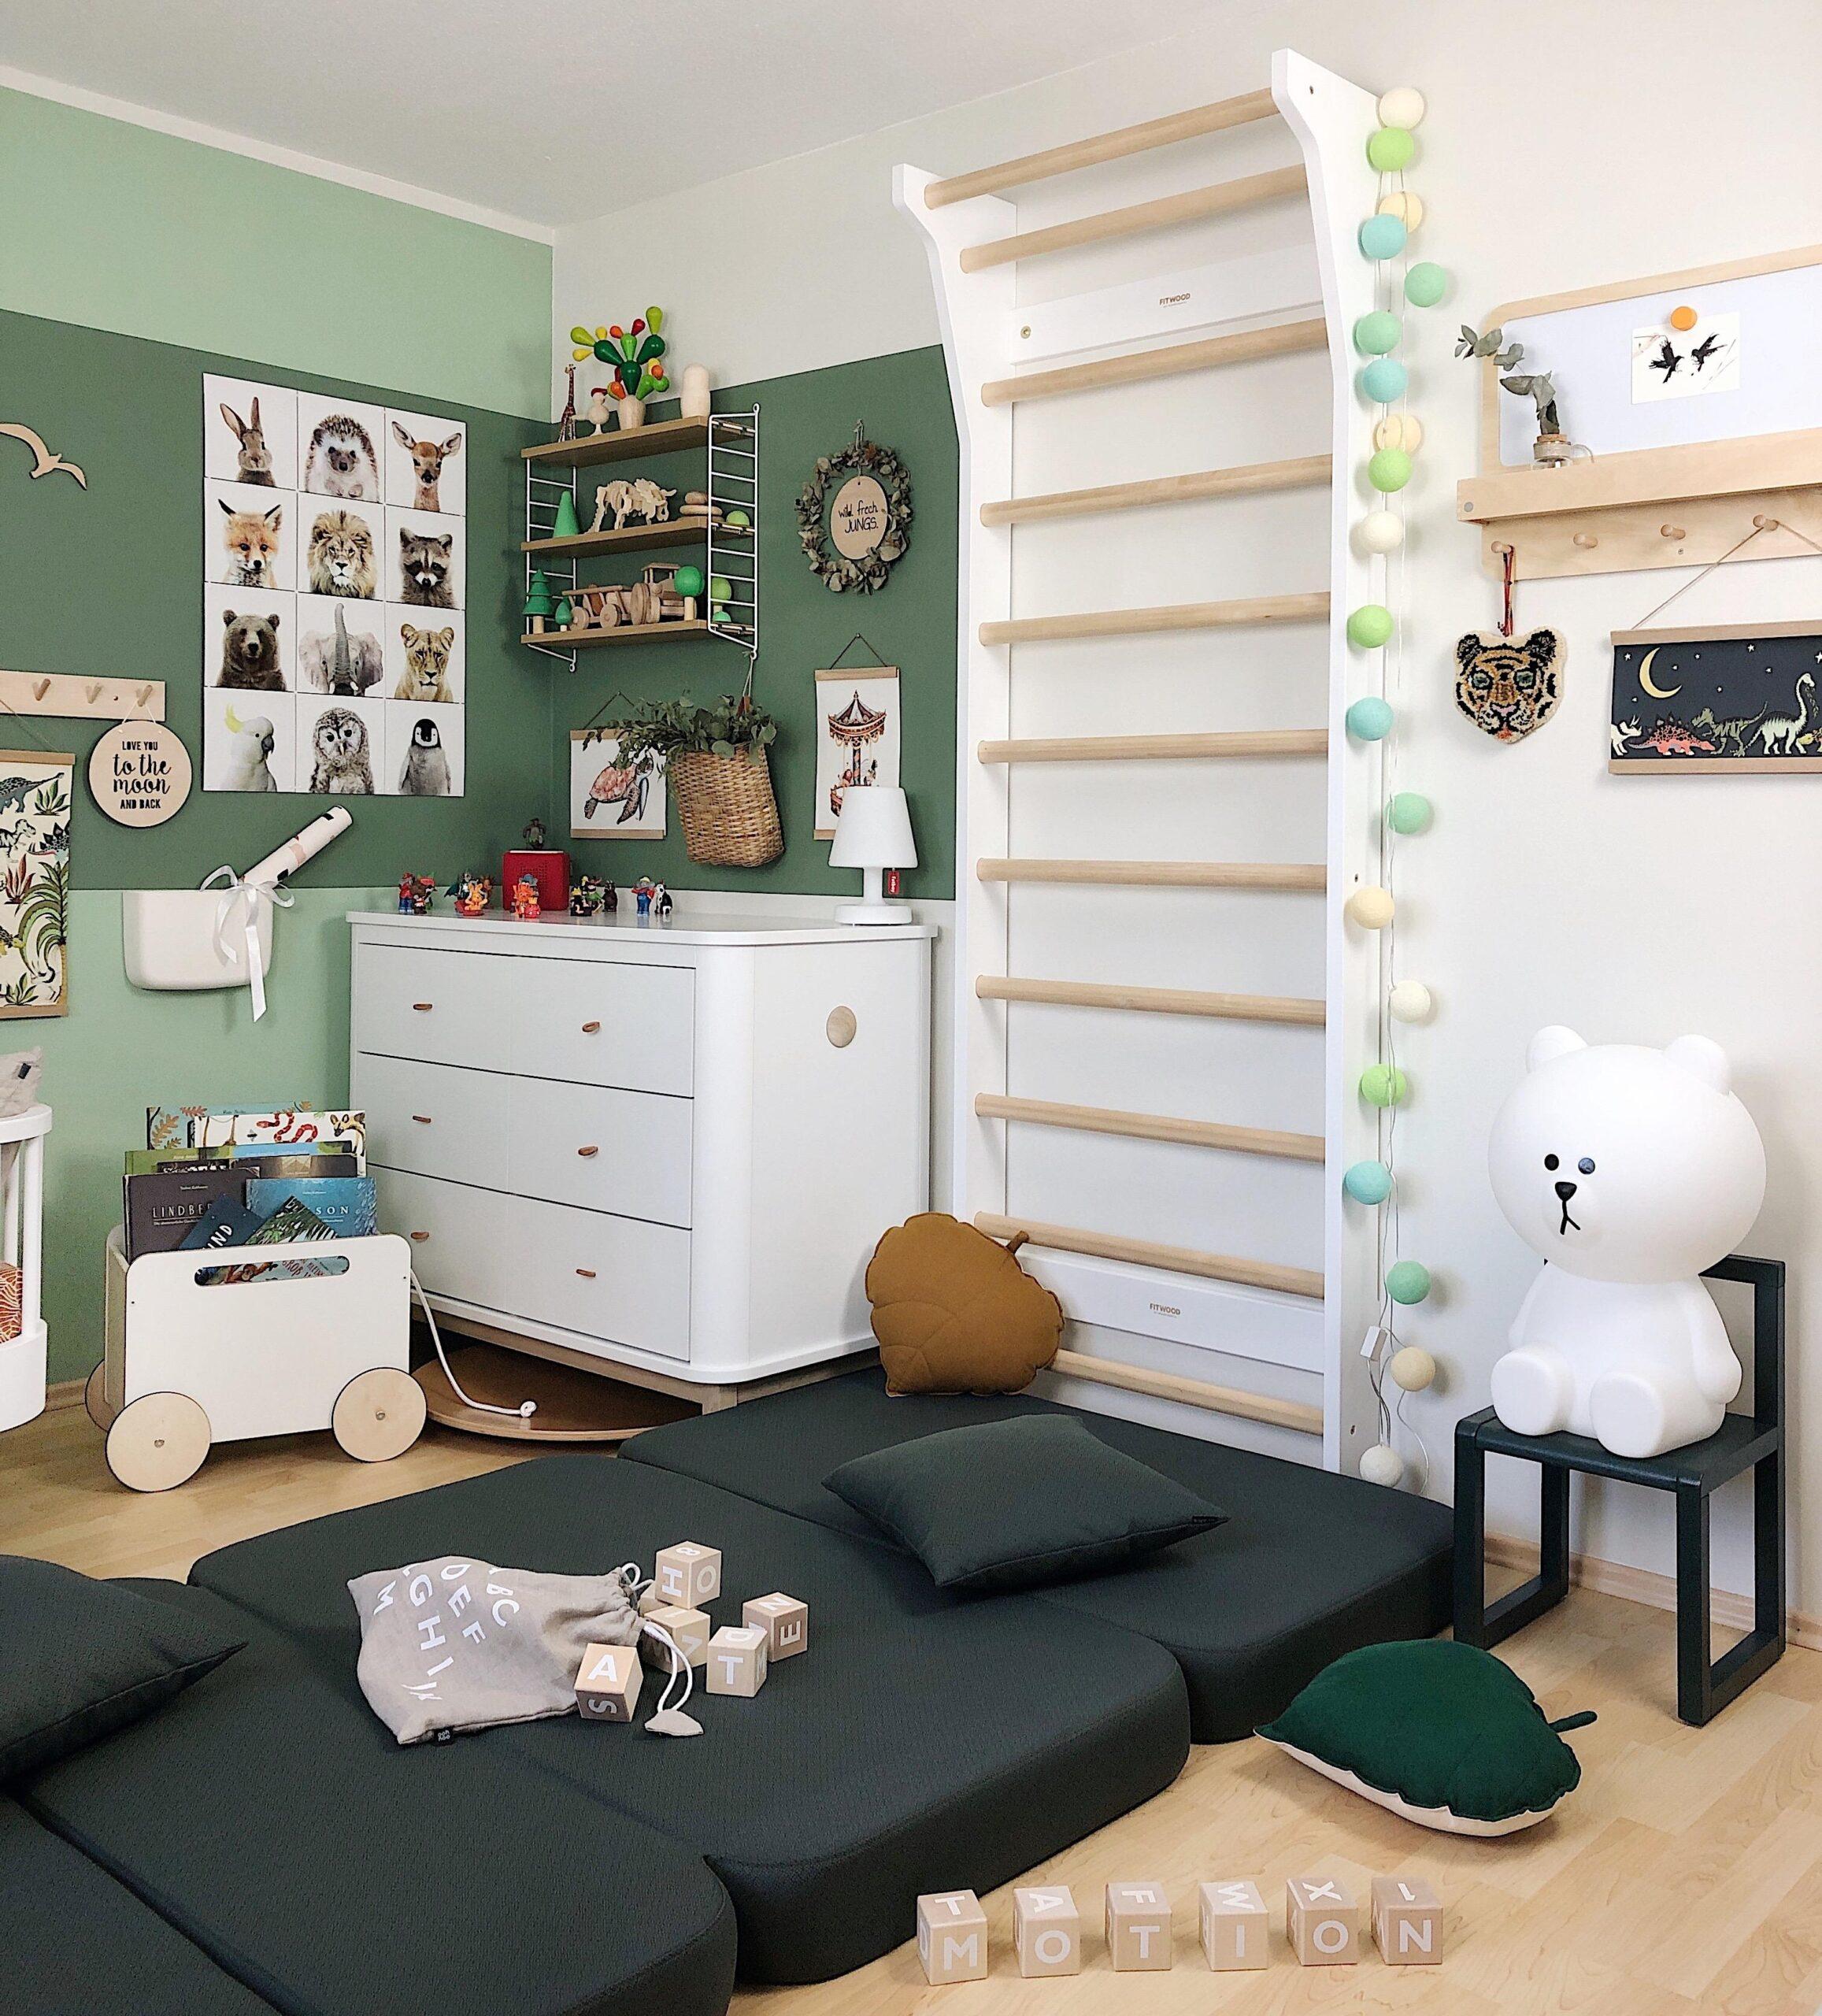 Full Size of Sprossenwand Kinderzimmer Bilder Ideen Couch Regal Regale Sofa Weiß Kinderzimmer Sprossenwand Kinderzimmer